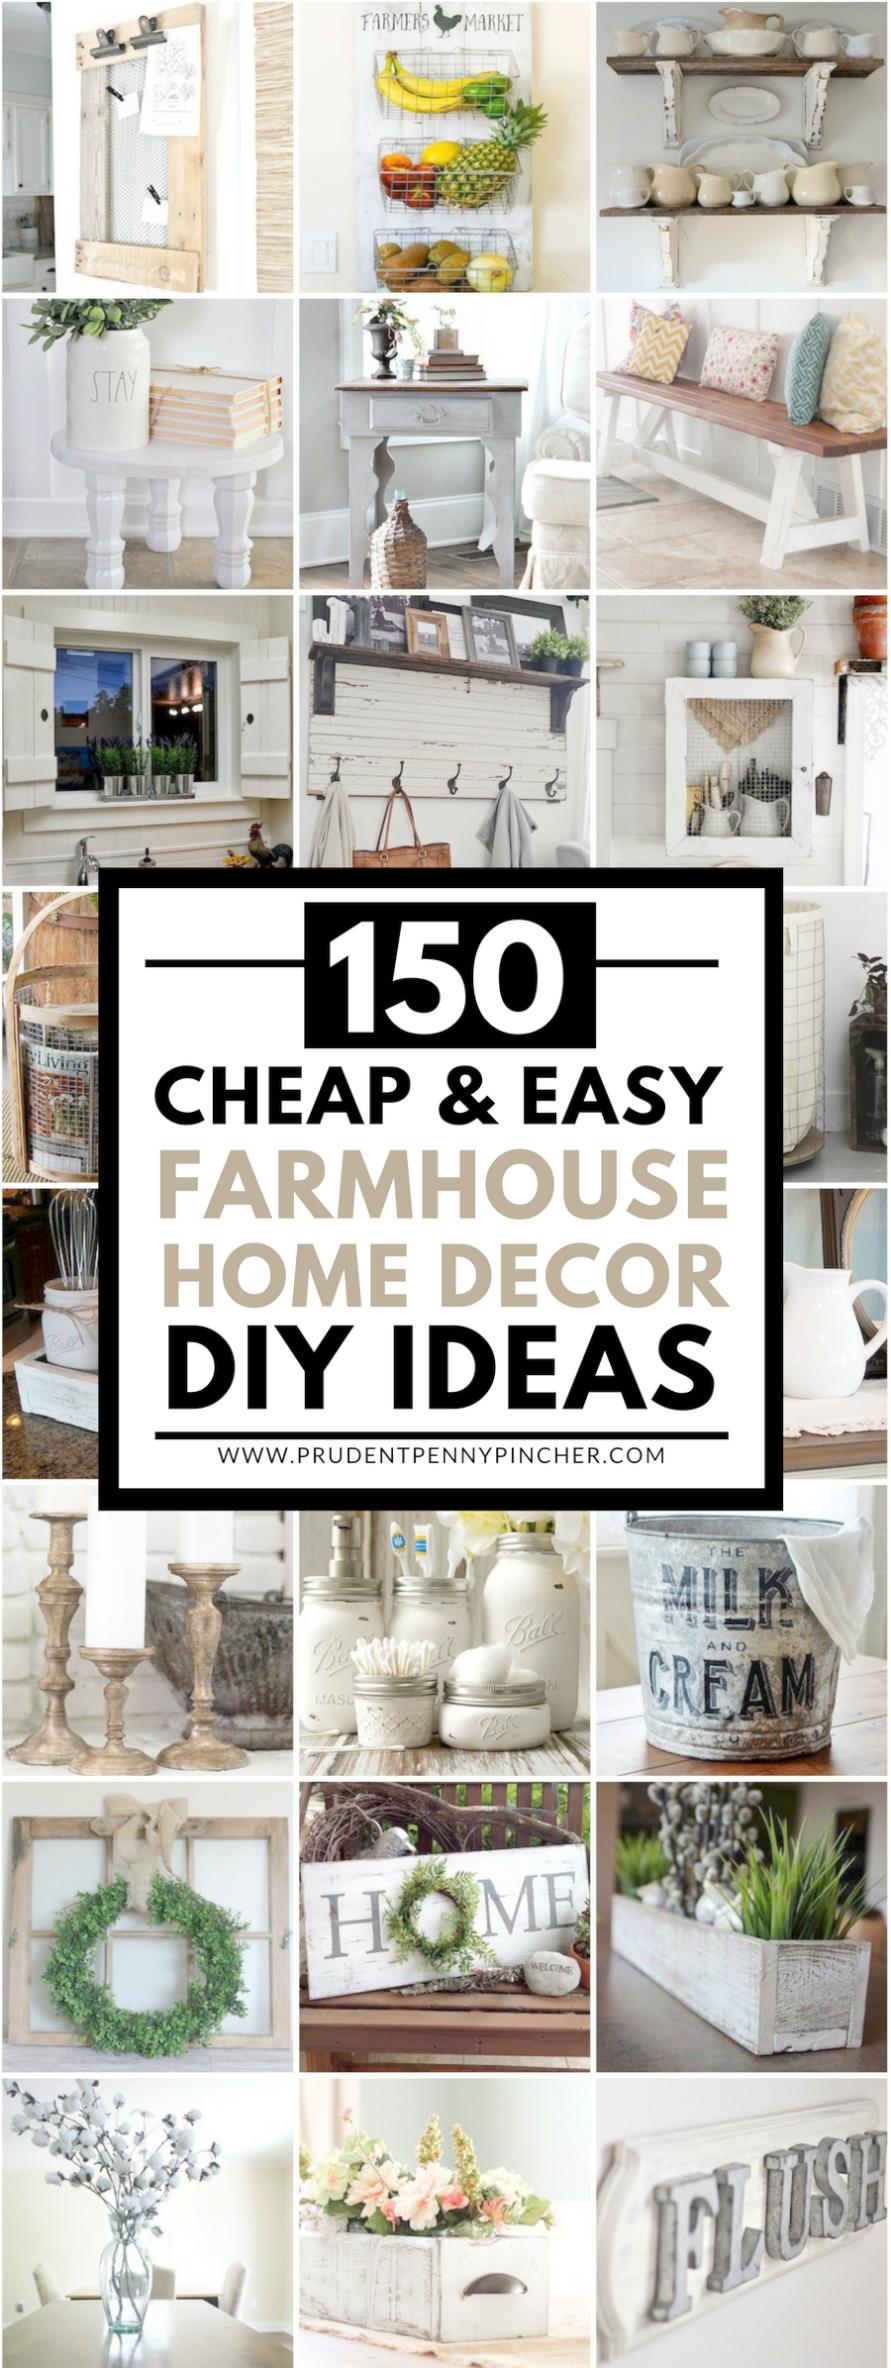 DIY Home Decorating Blogs|DIY Home Interior Design Blog|DIY Home ...